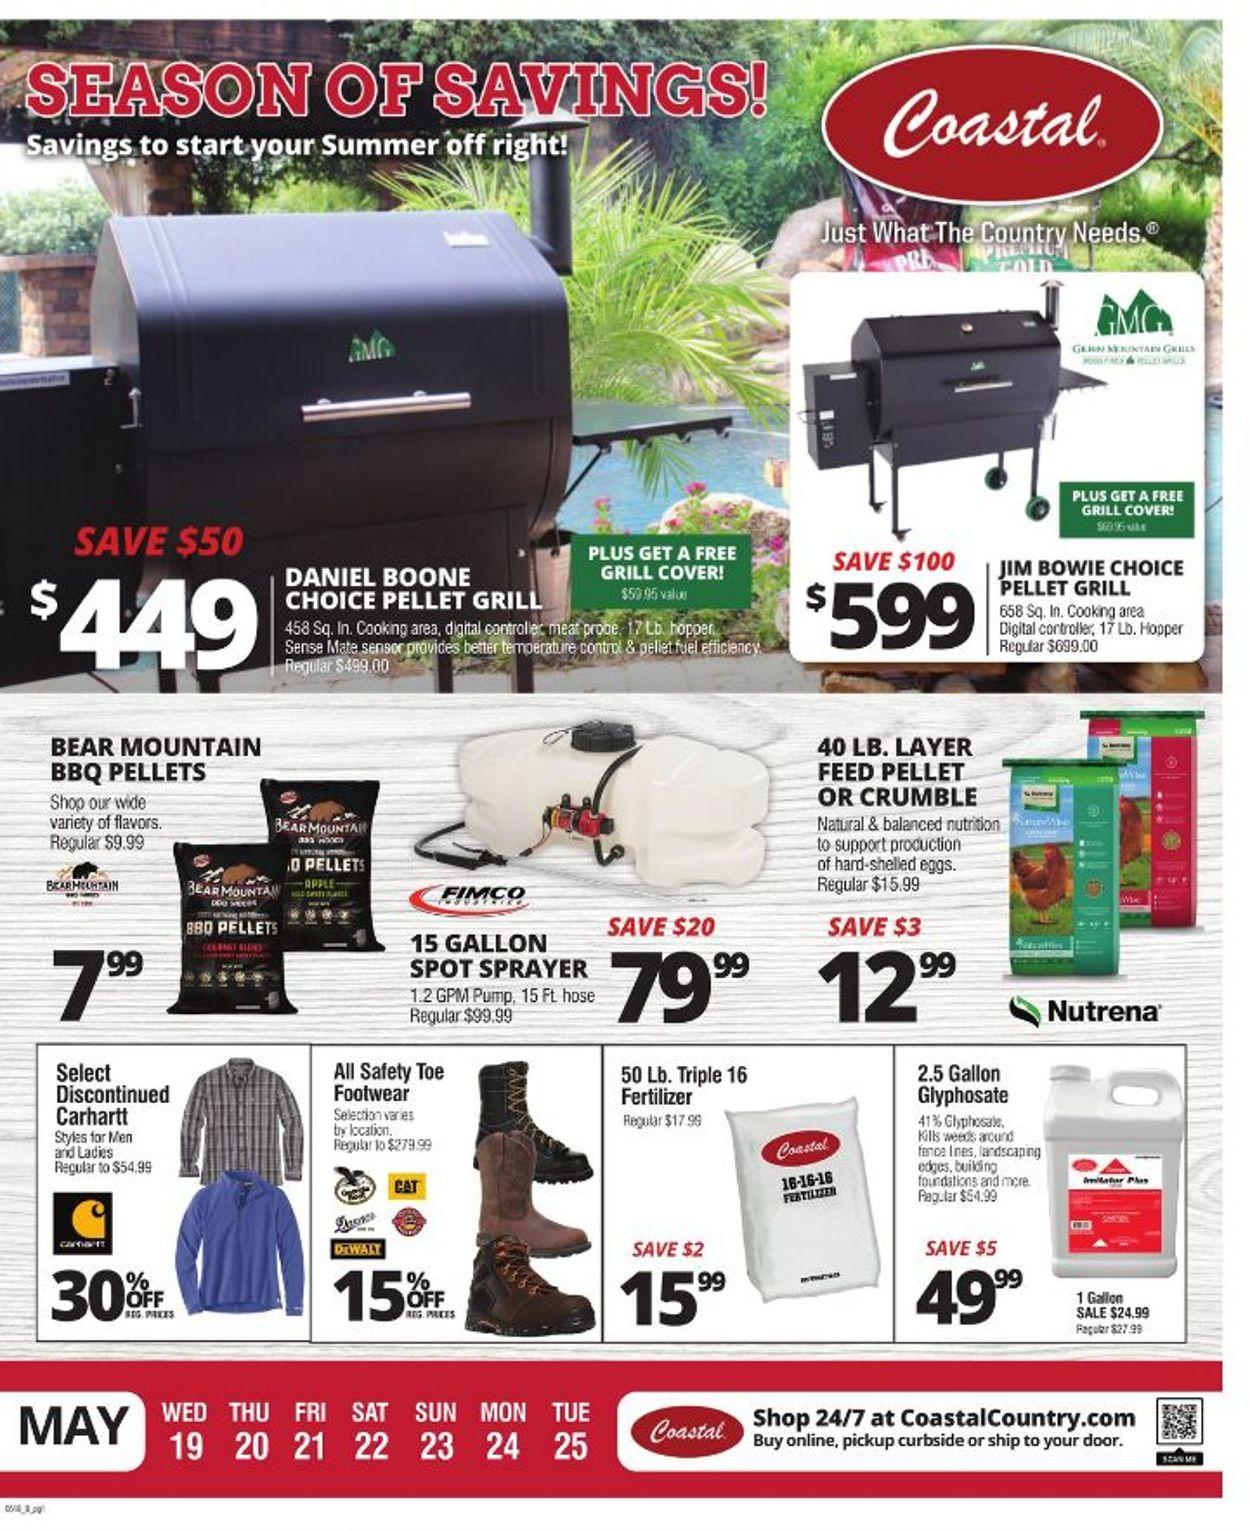 Coastal Farm & Ranch Weekly Ad Circular - valid 05/19-05/25/2021